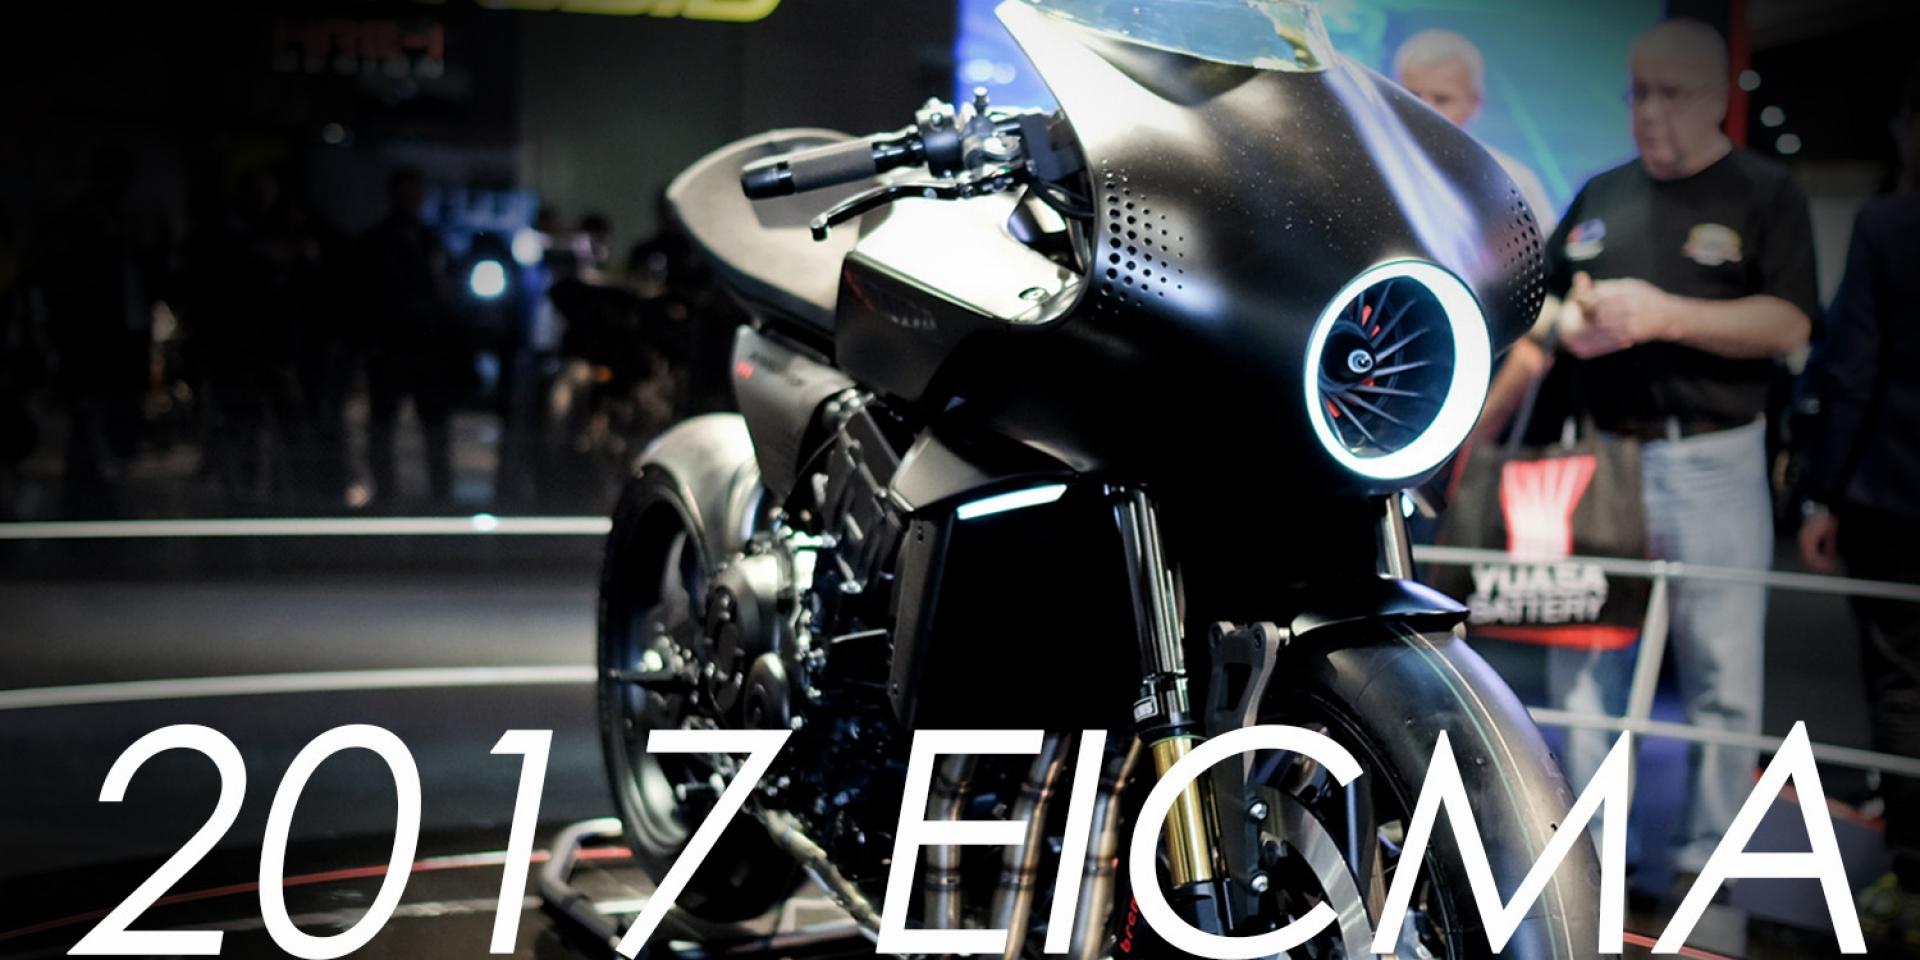 2017米蘭車展。HONDA CB4 Interceptor Concept展演現代Cafe Racer樣貌